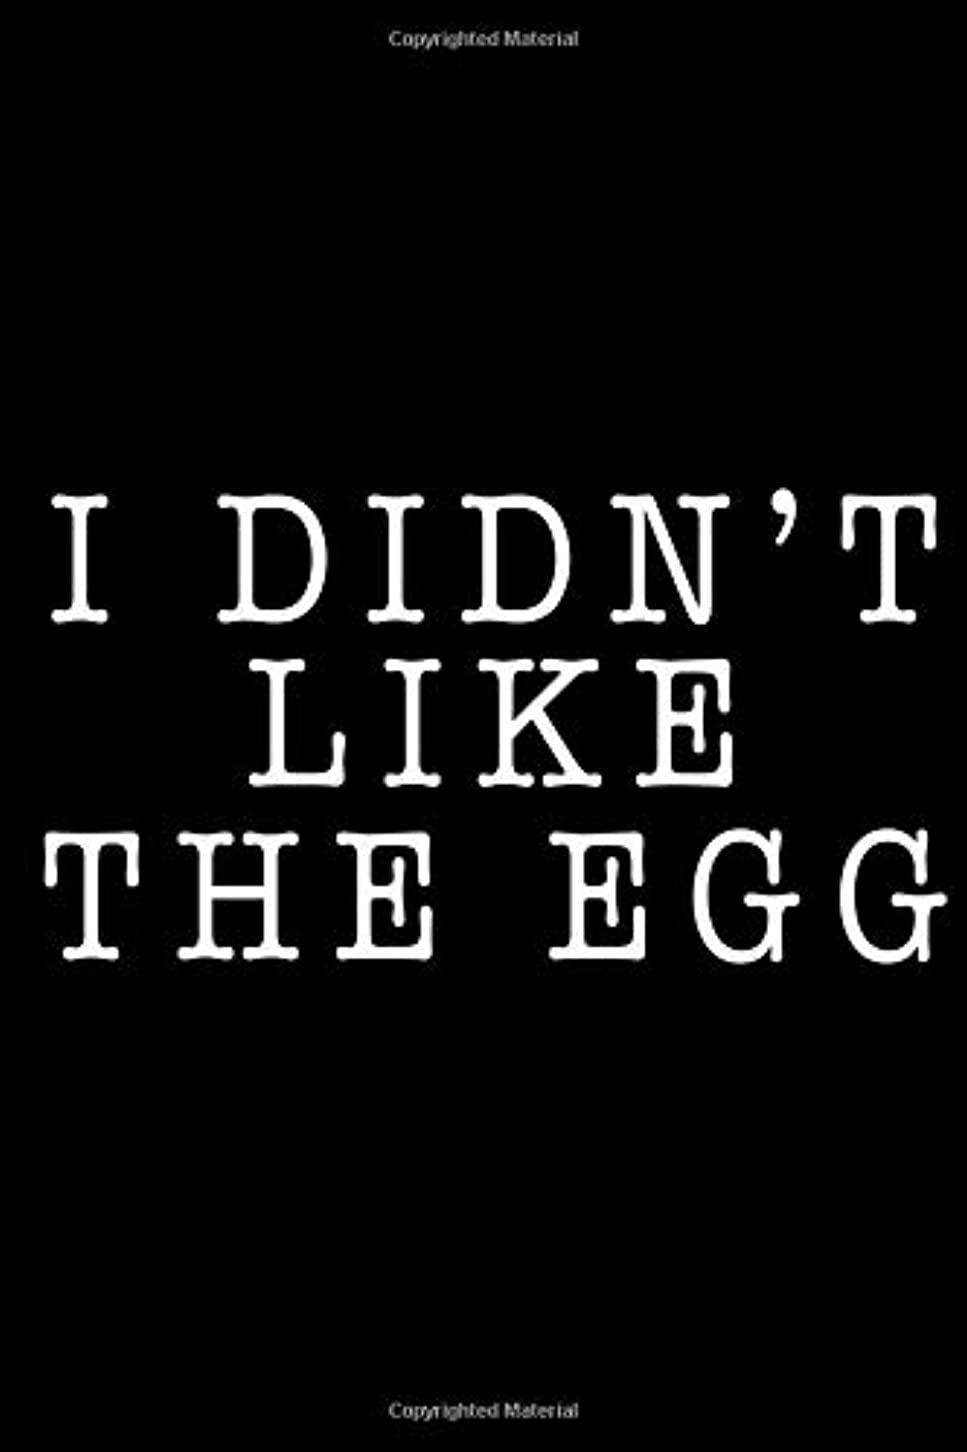 習熟度おじいちゃん空虚I Didn't Like The Egg: College Ruled Notebook perfect for Notes, Journaling, School Work, Work, Meetings | Size: 6